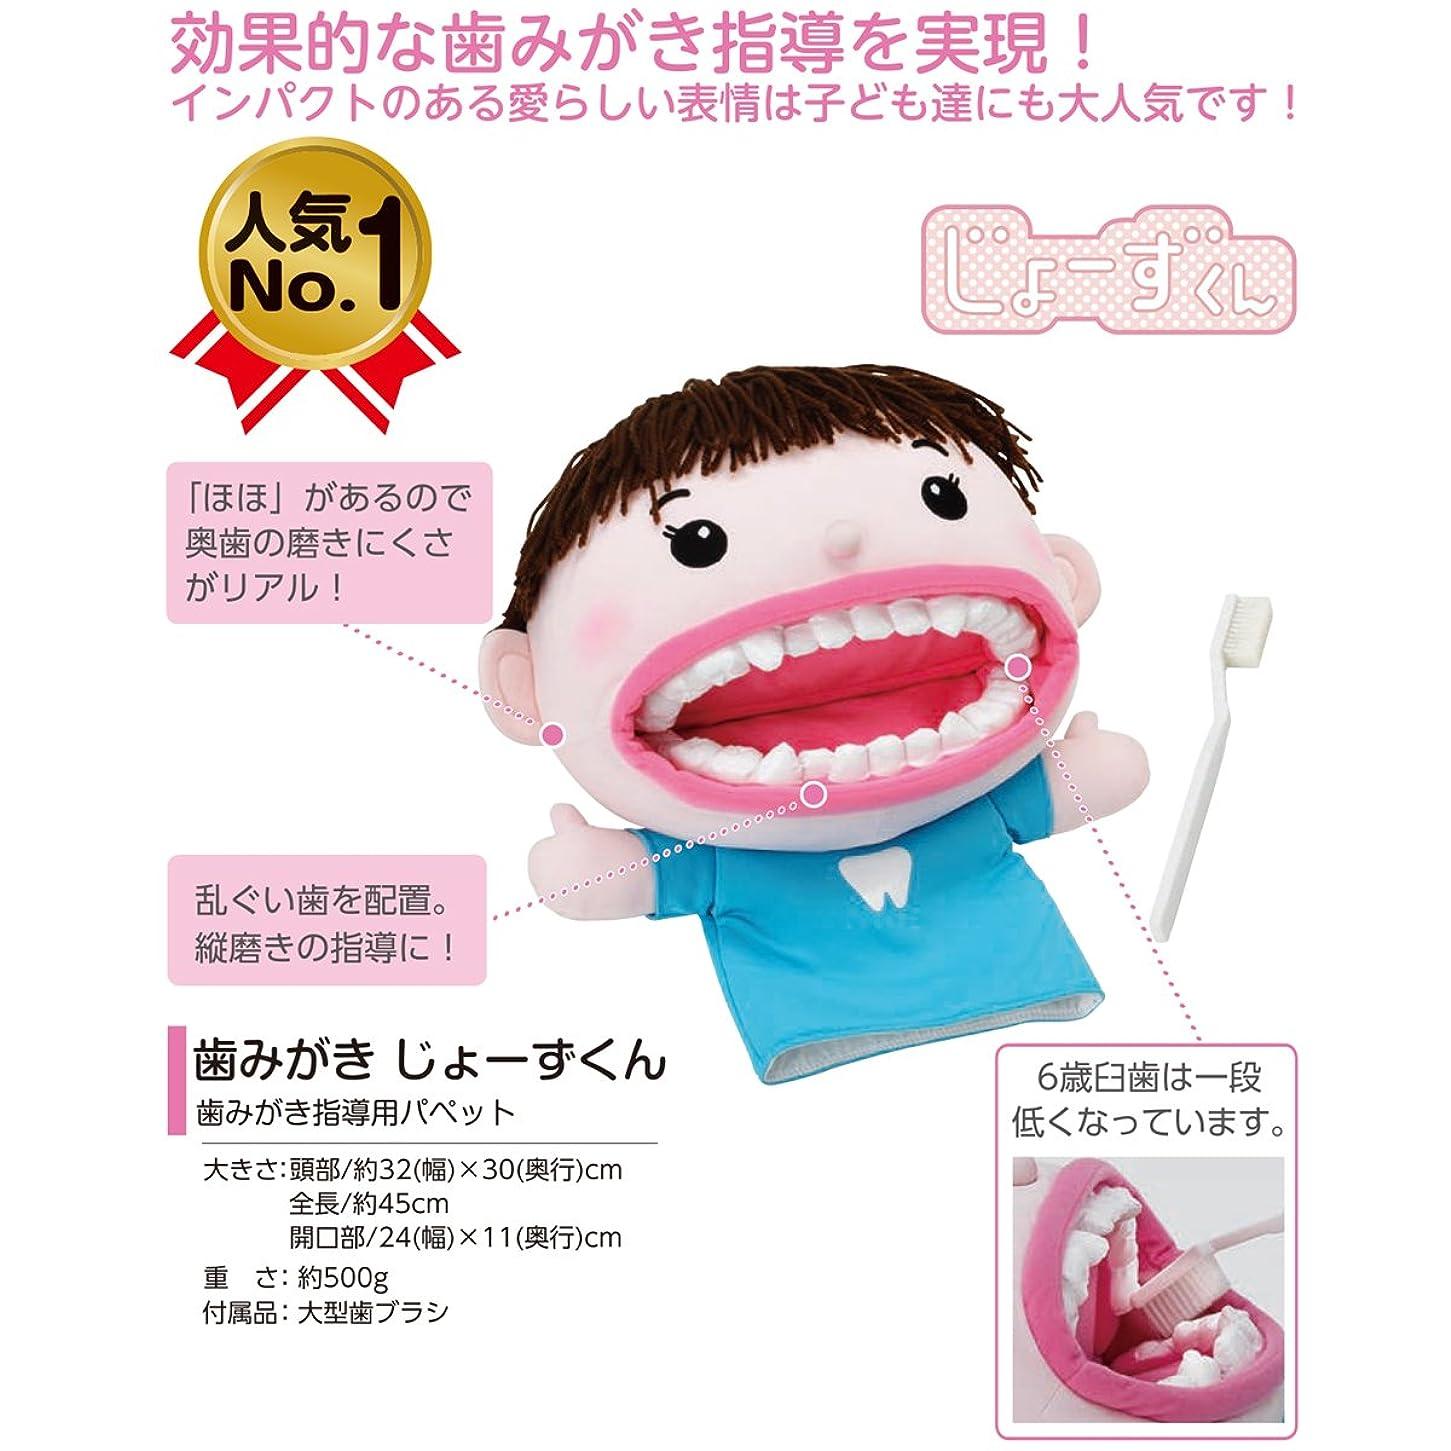 博物館嵐の呪い歯みがき じょーずくん 歯磨き 指導用 教育用 パペット 人形 ぬいぐるみ